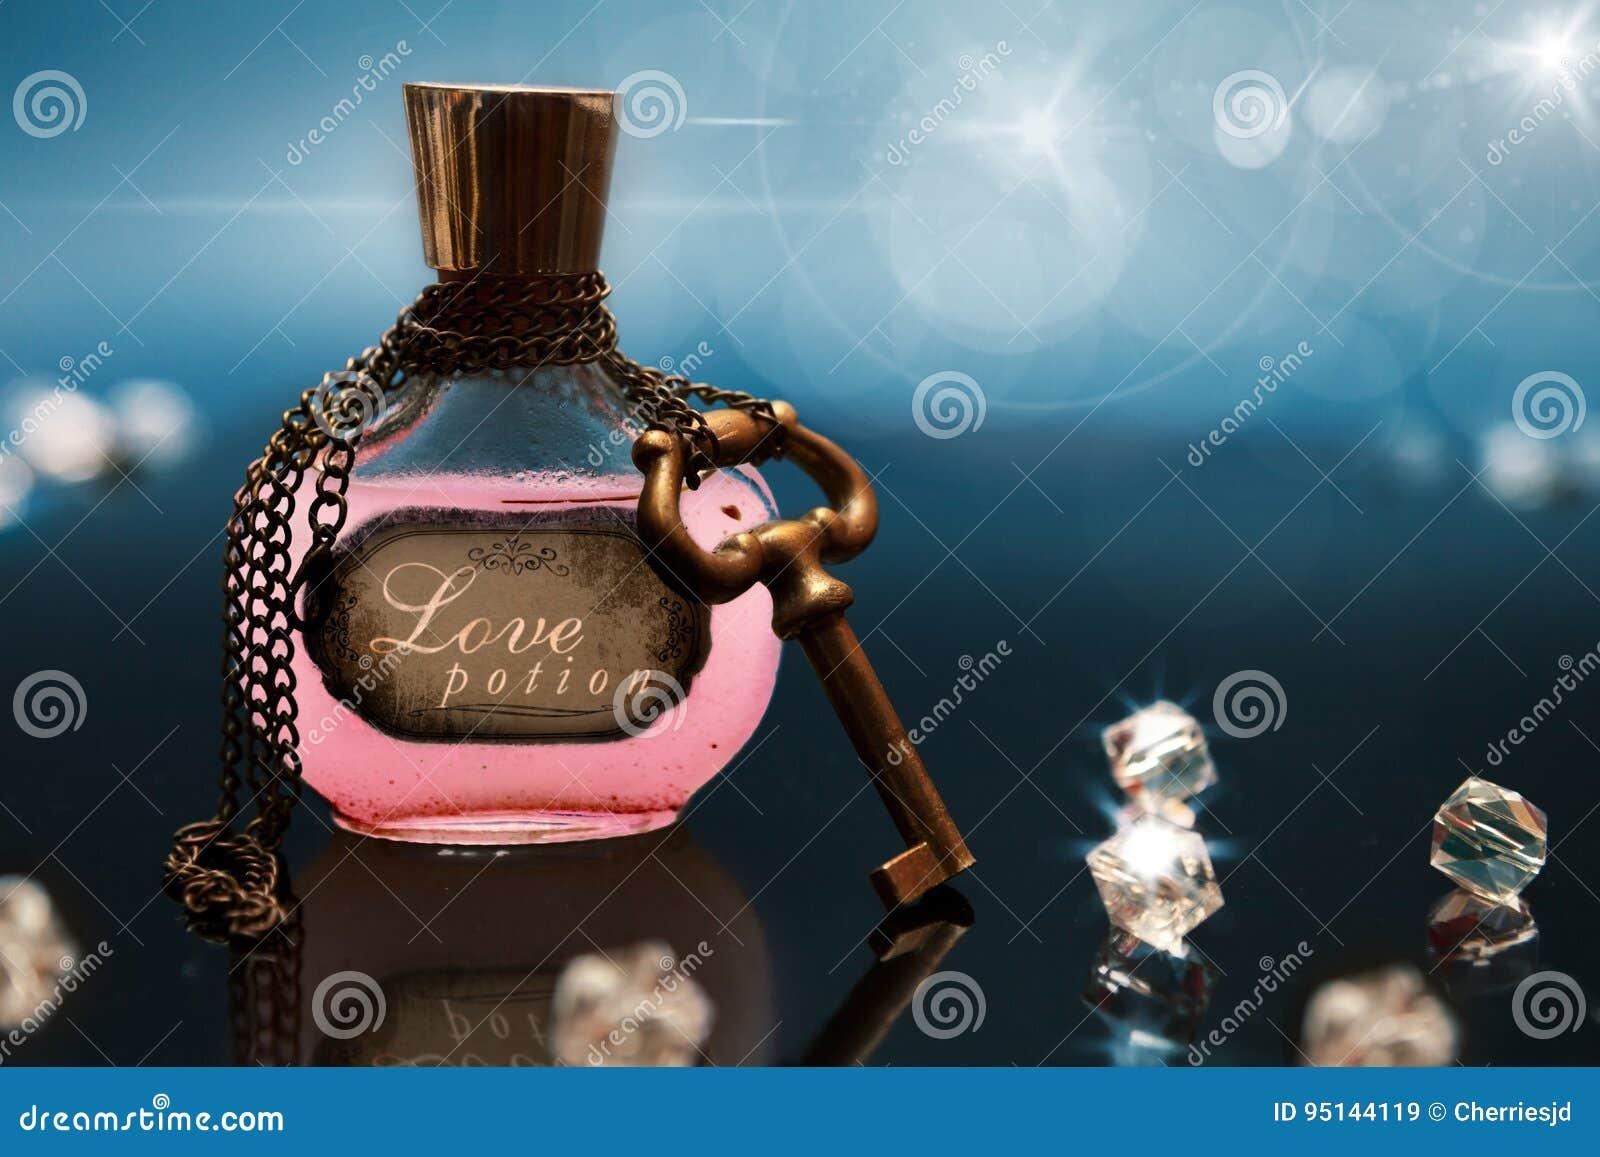 Φίλτρο αγάπης σε ένα μπουκάλι με την αλυσίδα και κλειδί γύρω από το μπουκάλι